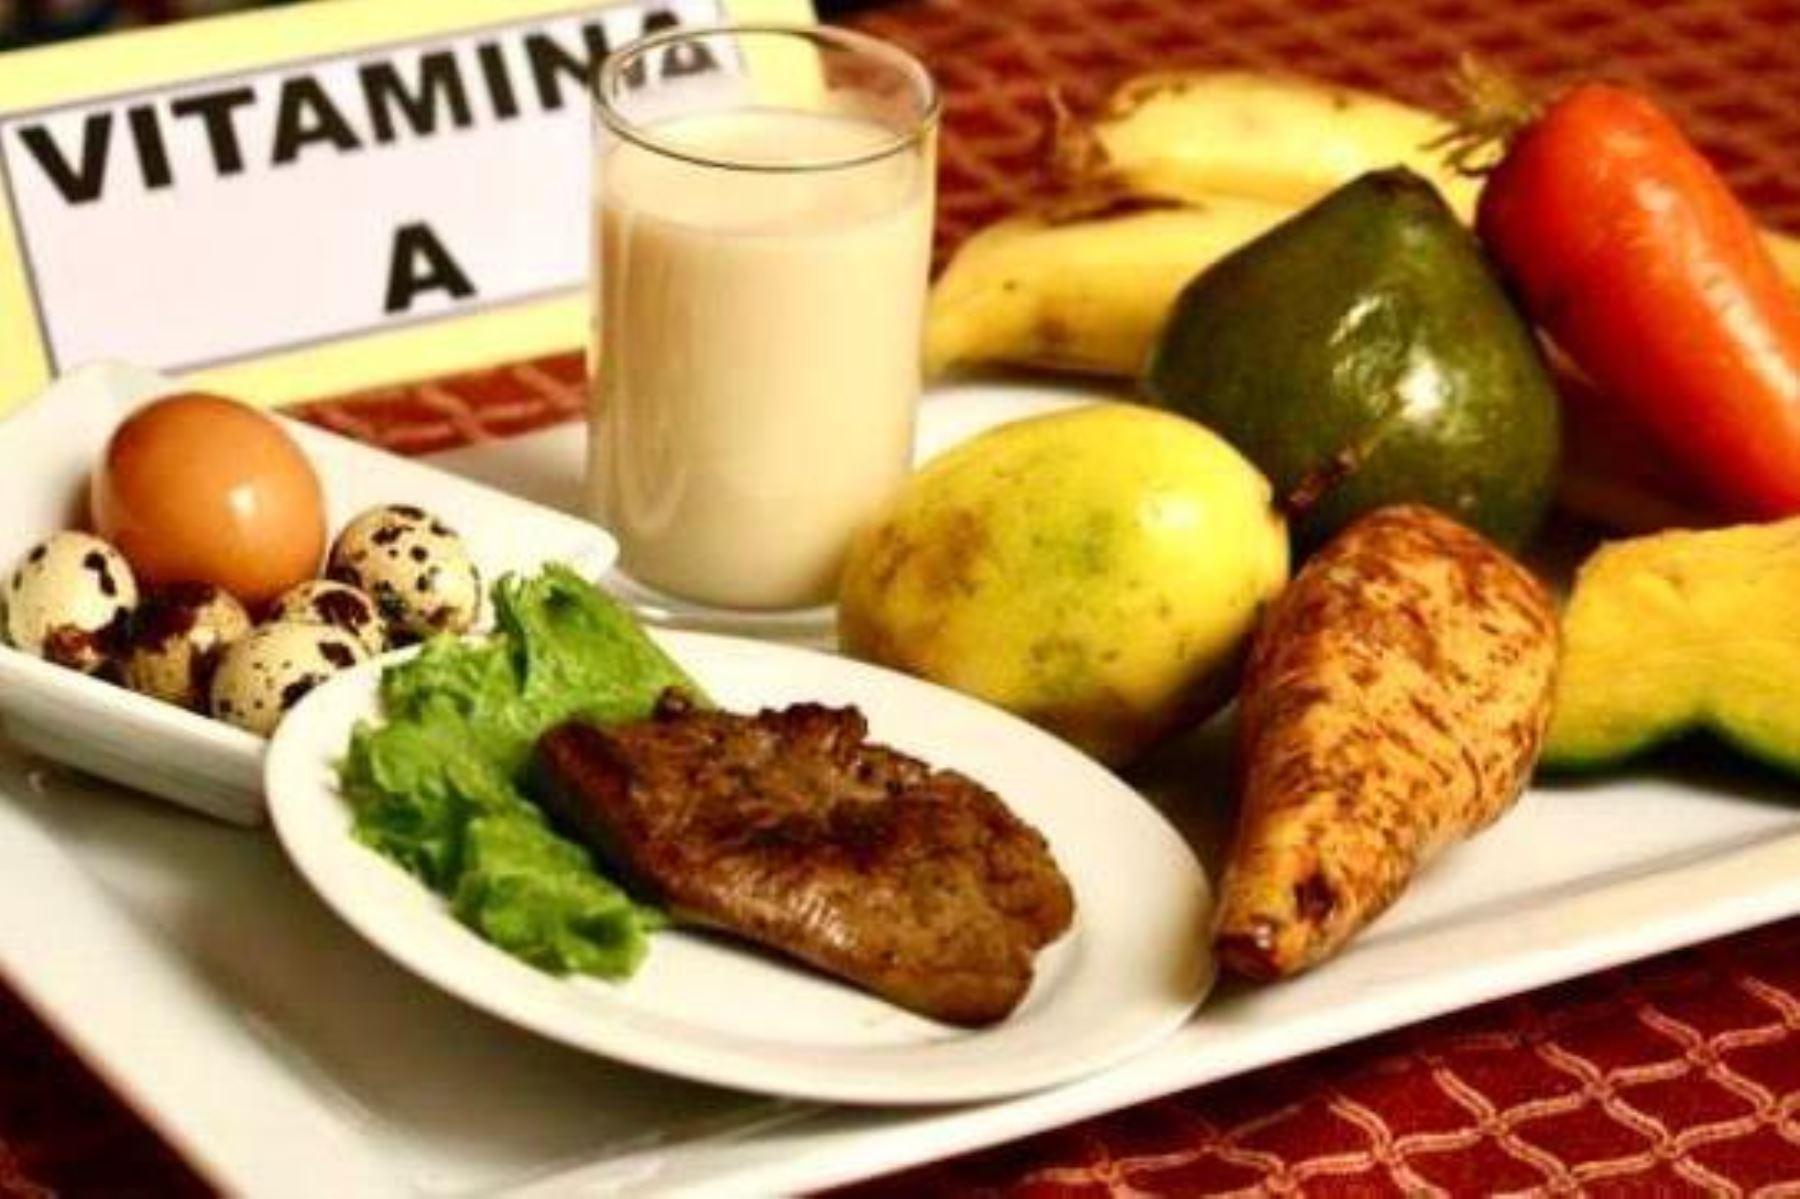 INS recomiendan a adultos mayores consumir vitamina A para prevenir males respiratorios. Foto: ANDINA/Difusión.